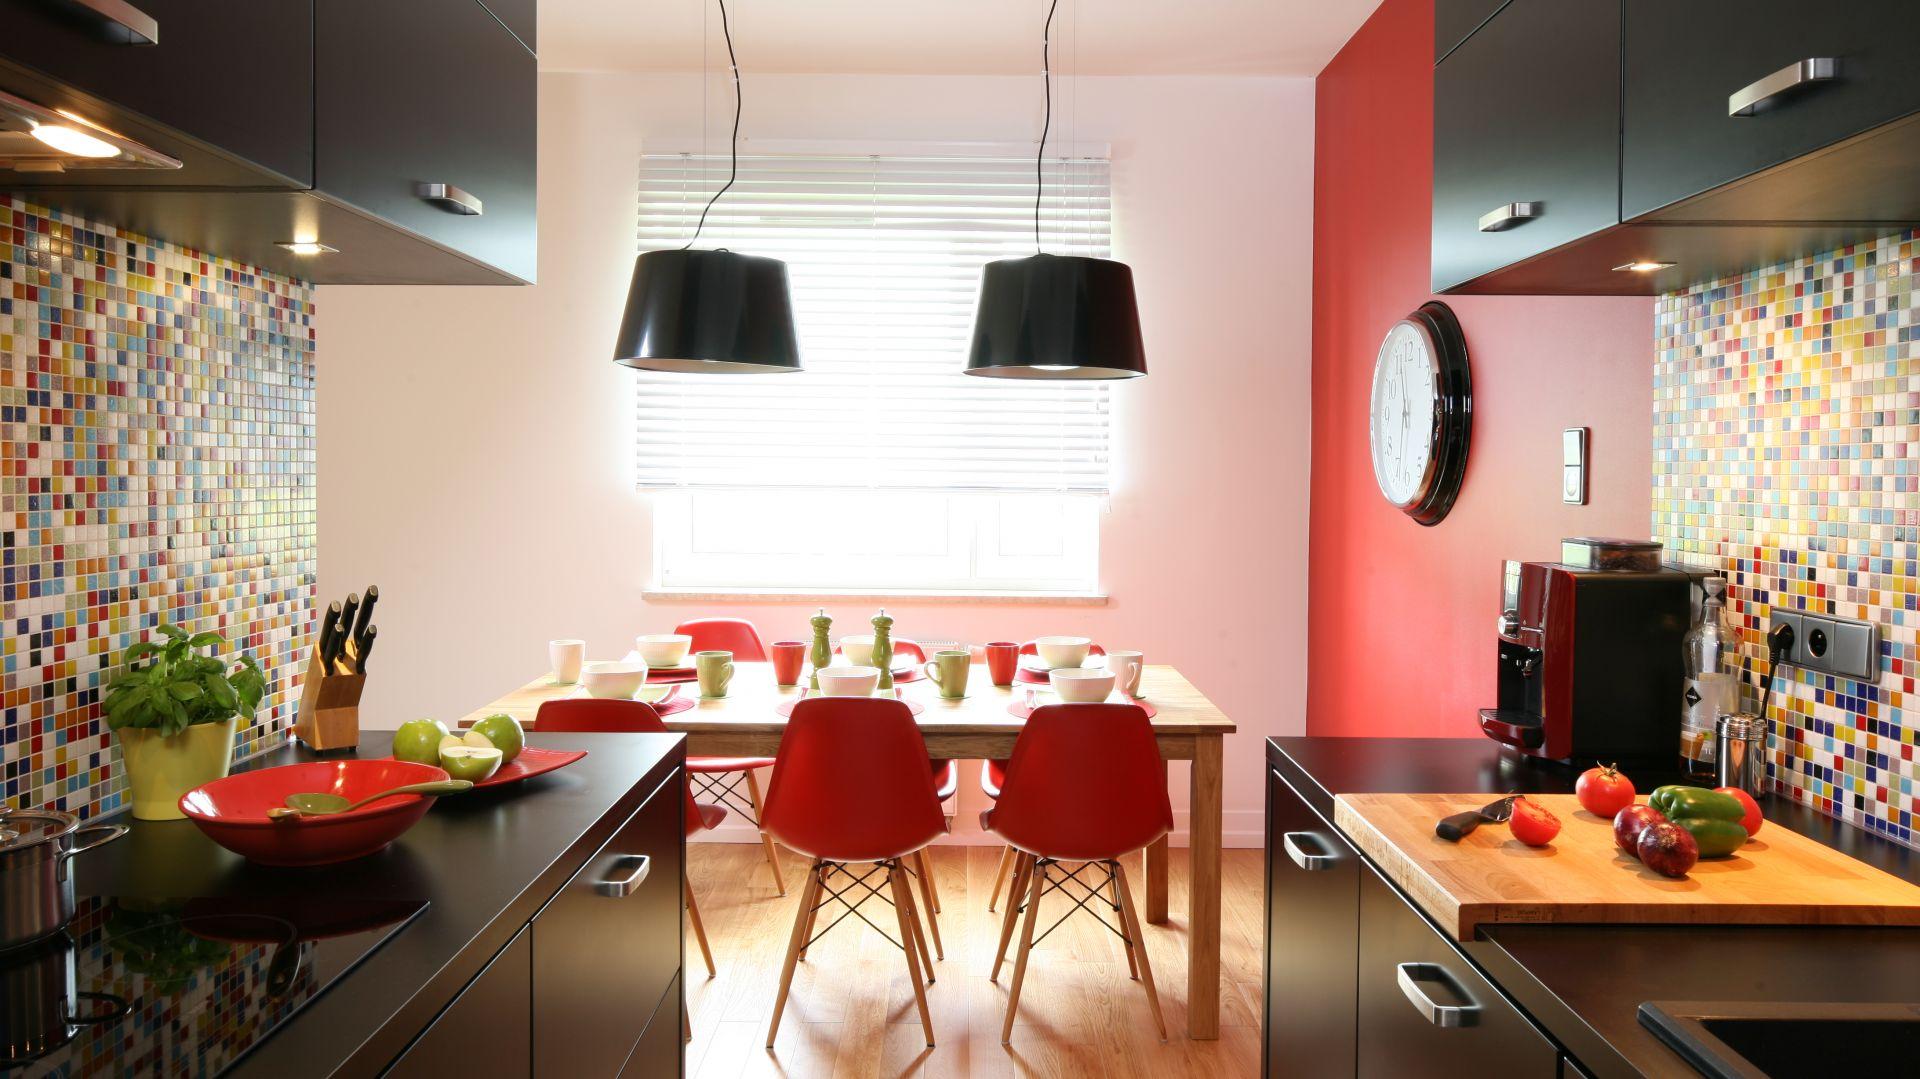 W mieszkaniach w bloku często są wąskie kuchnie. Warto w takiej przestrzeni zastosować zabudowę dwurzędową, która da wiele miejsca do przechowywania i jednocześnie swobodę pracy pomiędzy strefami. Projekt: Dorota Szarfańska. Fot. Bartosz Jarosz